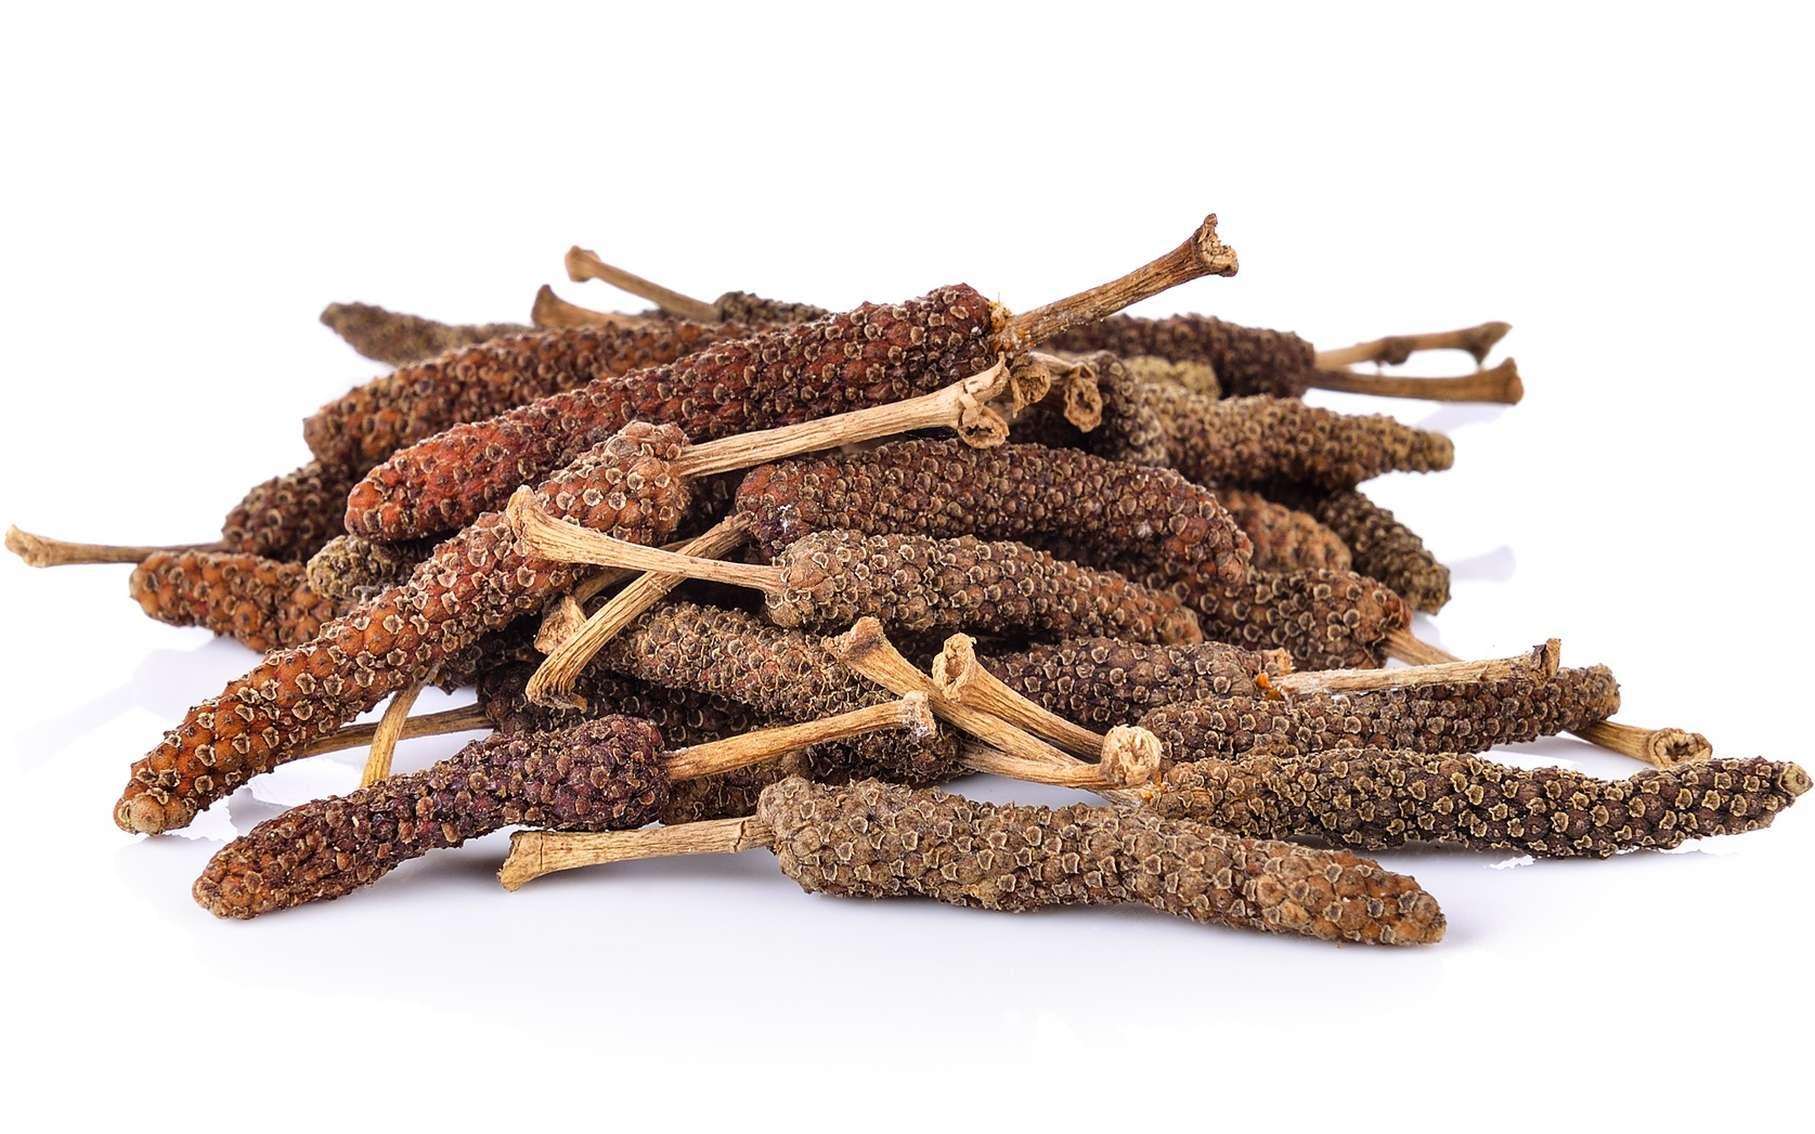 Le poivre long (Piper longum) est une épice indienne connue pour ses propriétés anticancéreuses. © sommai, Fotolia